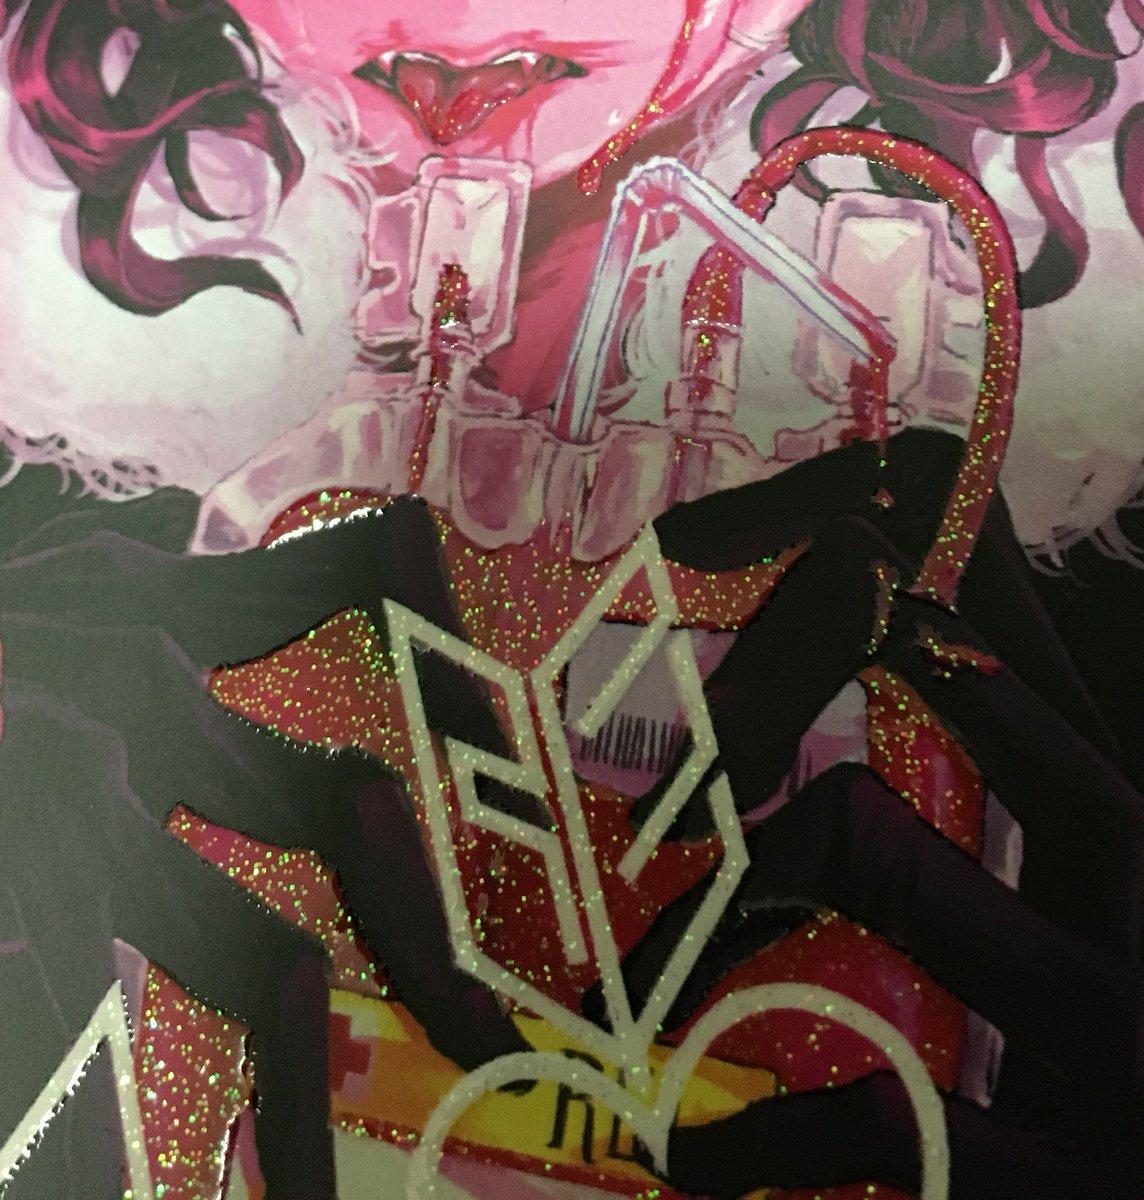 新刊見本誌とどいたよ〜〜〜〜!!!!!血みどろラメエナメル(…)すっっごく可愛く入れていただけました!!舌のとこと目の中の♡がお気に入り……遊び紙も蛍光ピンク〜〜〜最高〜〜〜〜〜💪